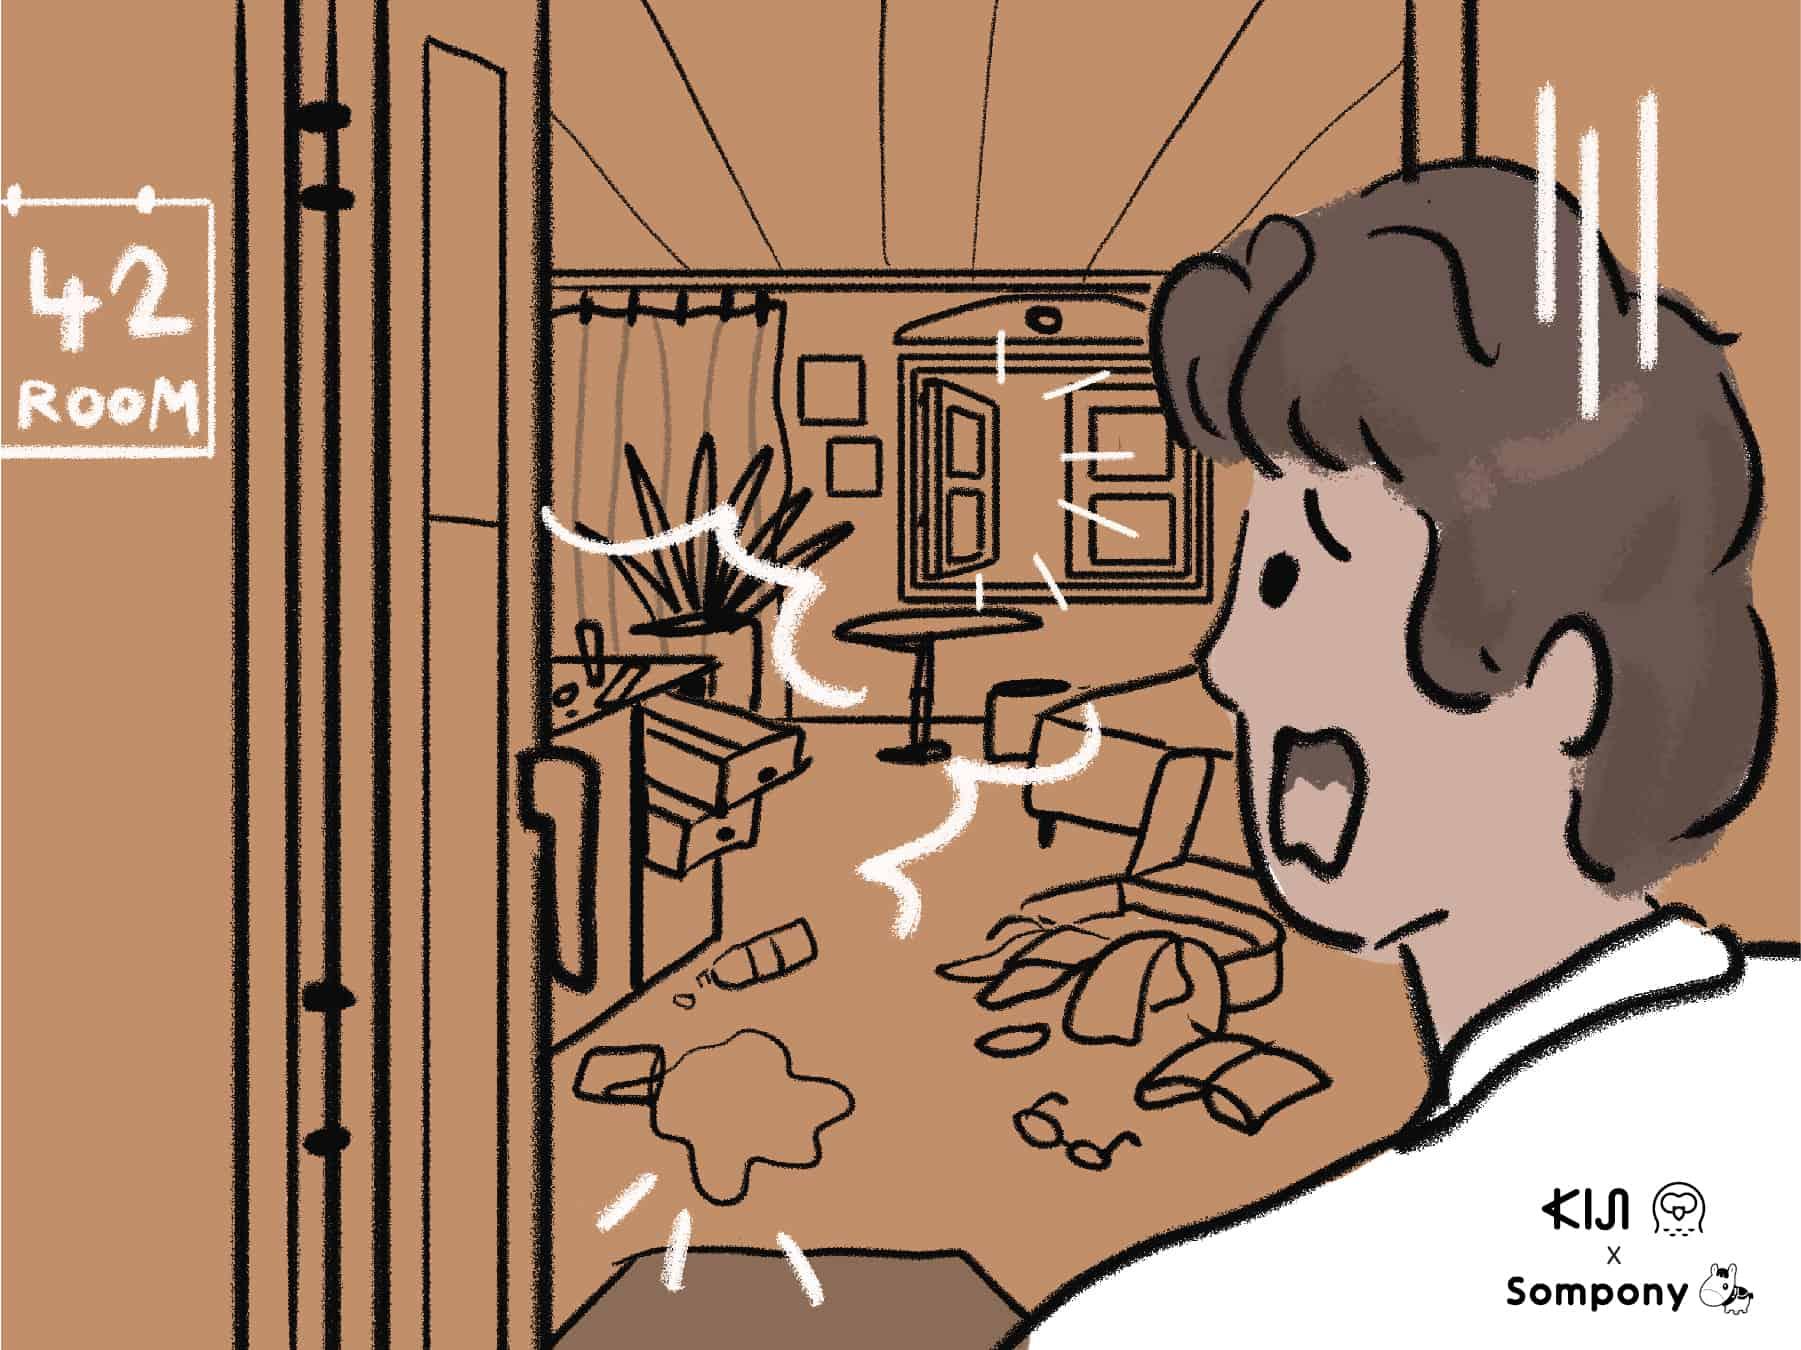 ซมโปะ (Sompo) : ถูกโจรขโมยของในห้องพัก